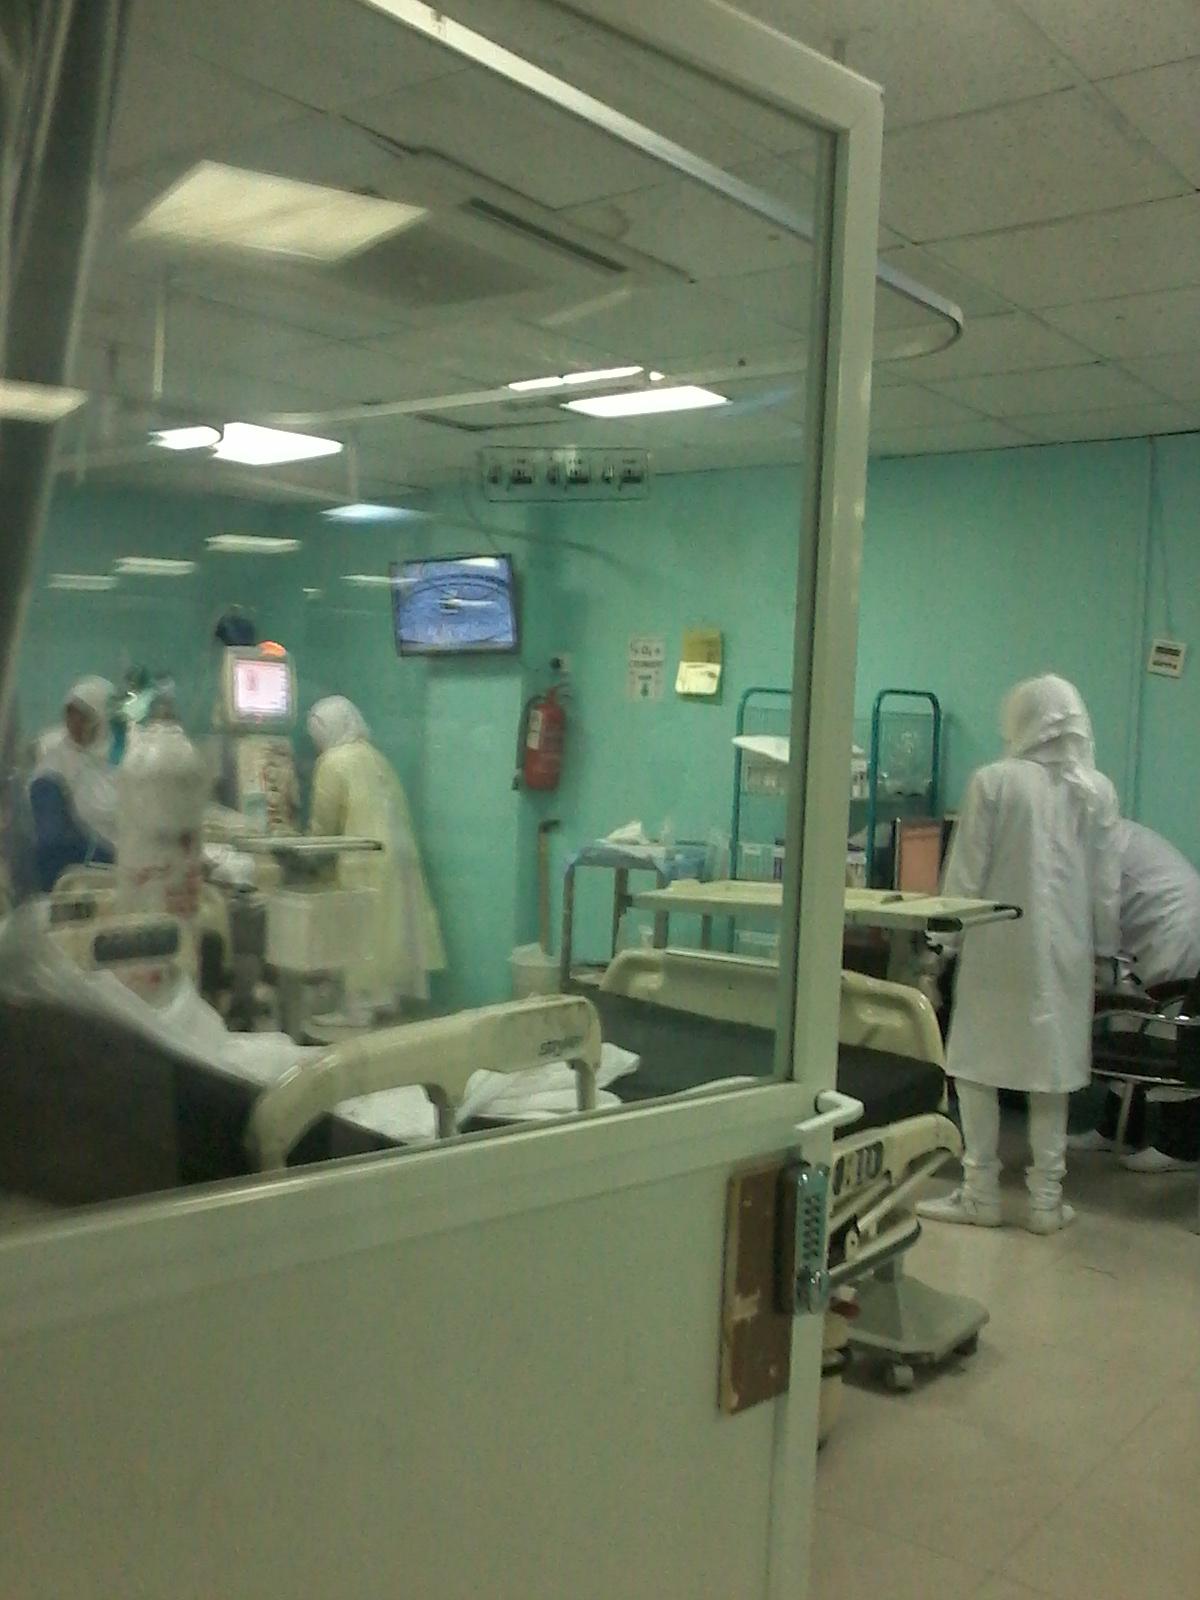 Pertolongan Alloh, Sampai Juga Ke Rumah Sakit (2)